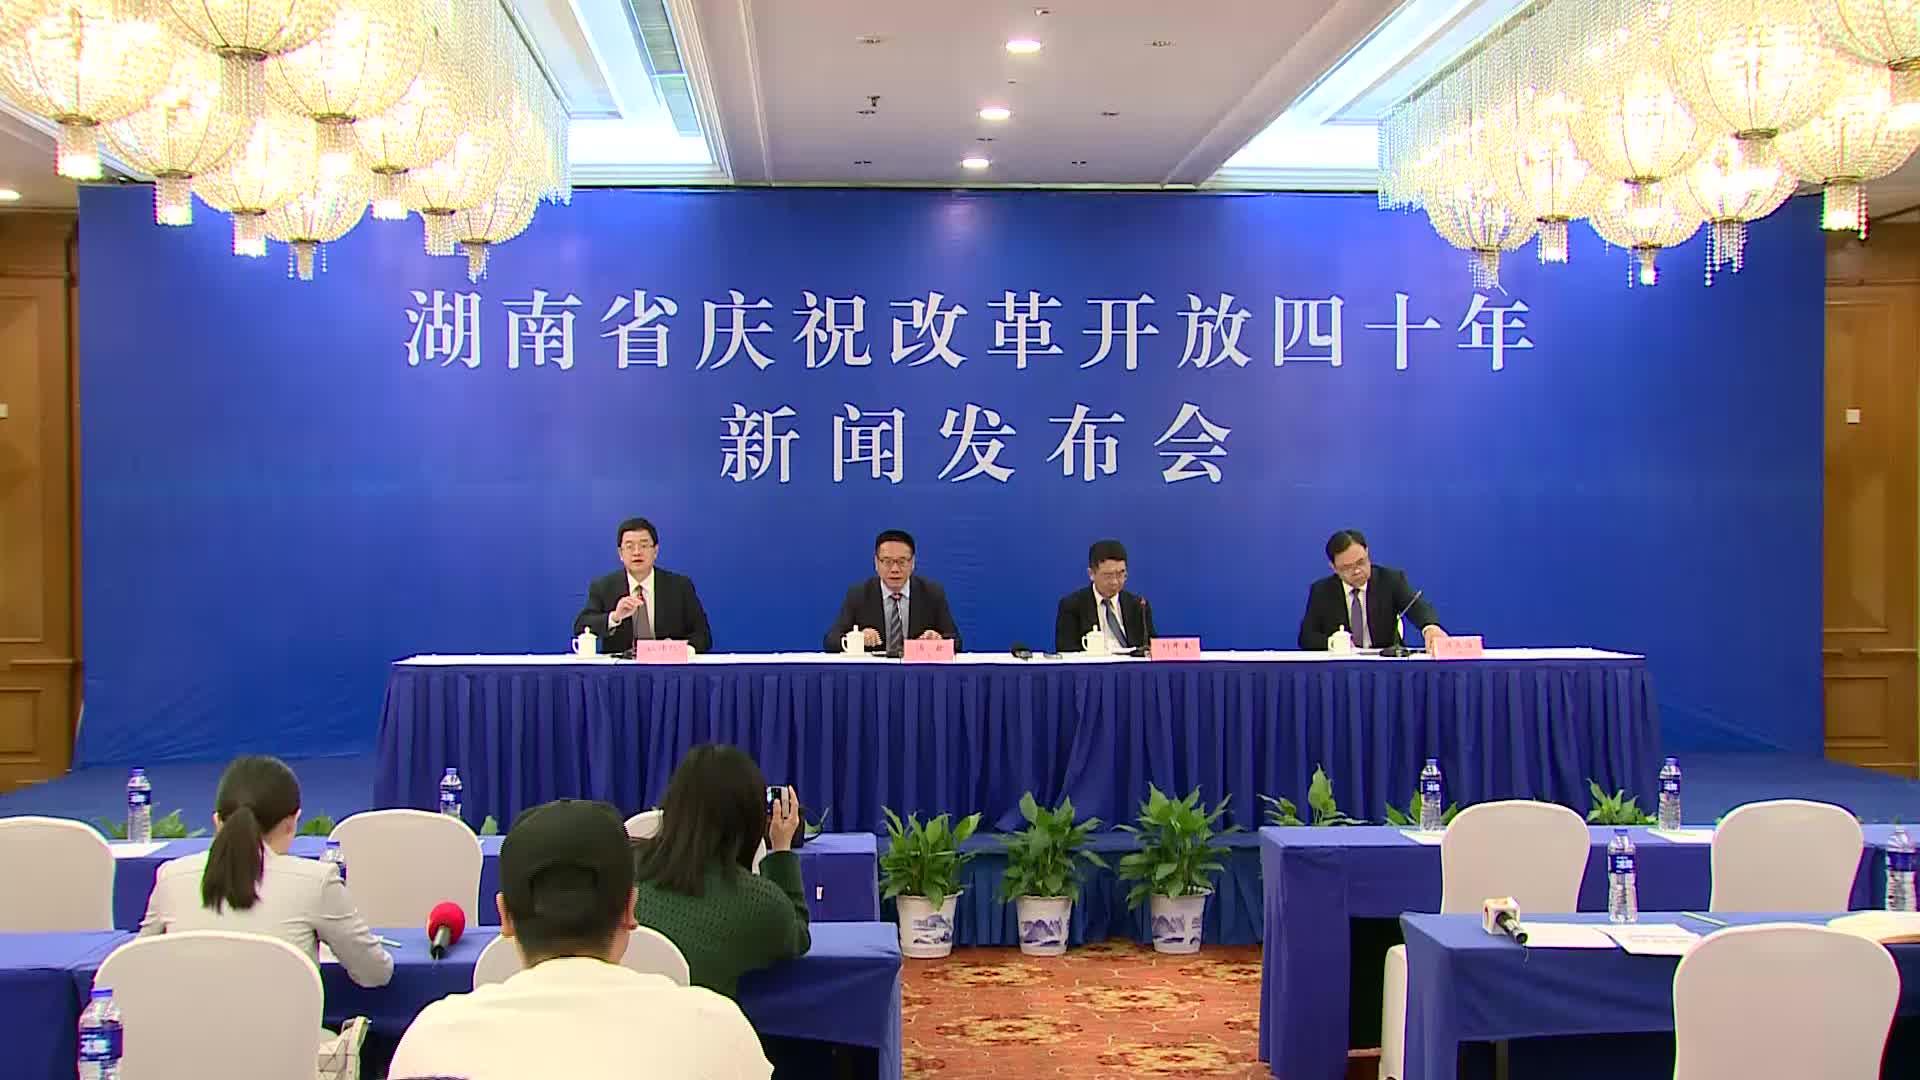 湖南省庆祝改革开放四十年系列新闻发布会:改革开放40周年全省经济社会发展成就